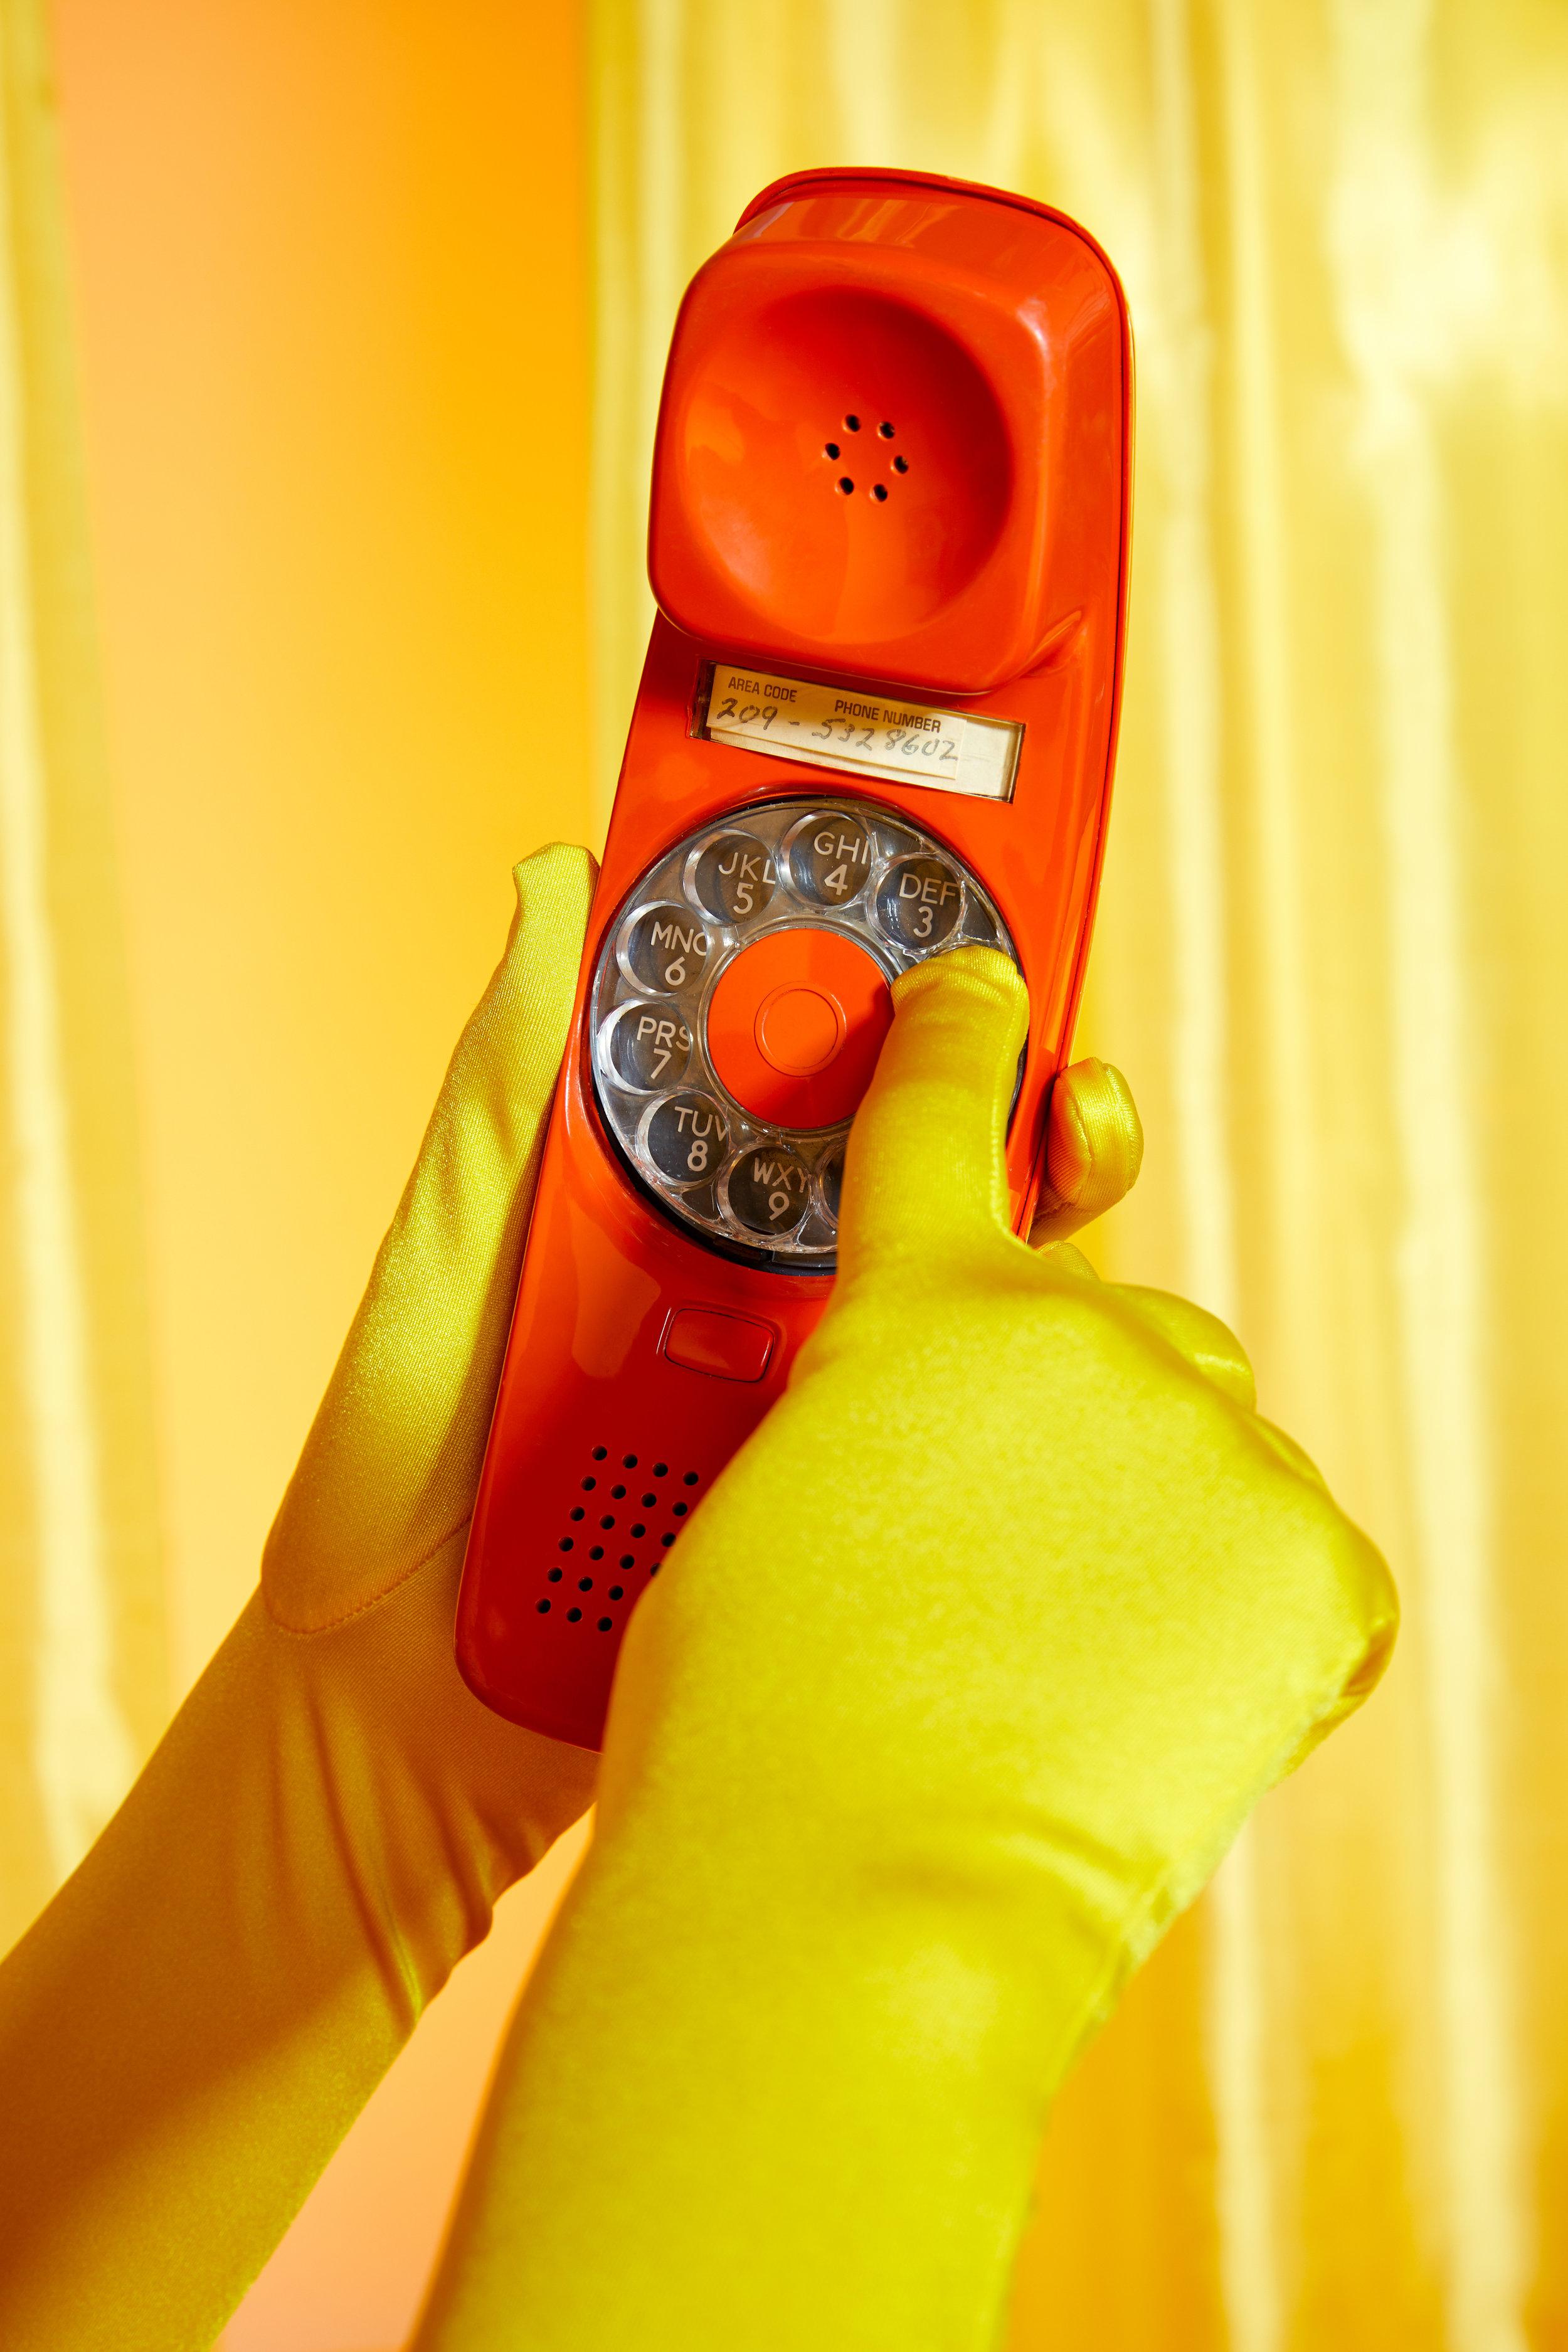 Orange-Yellow-Phone-Gloves-Dialing.jpg